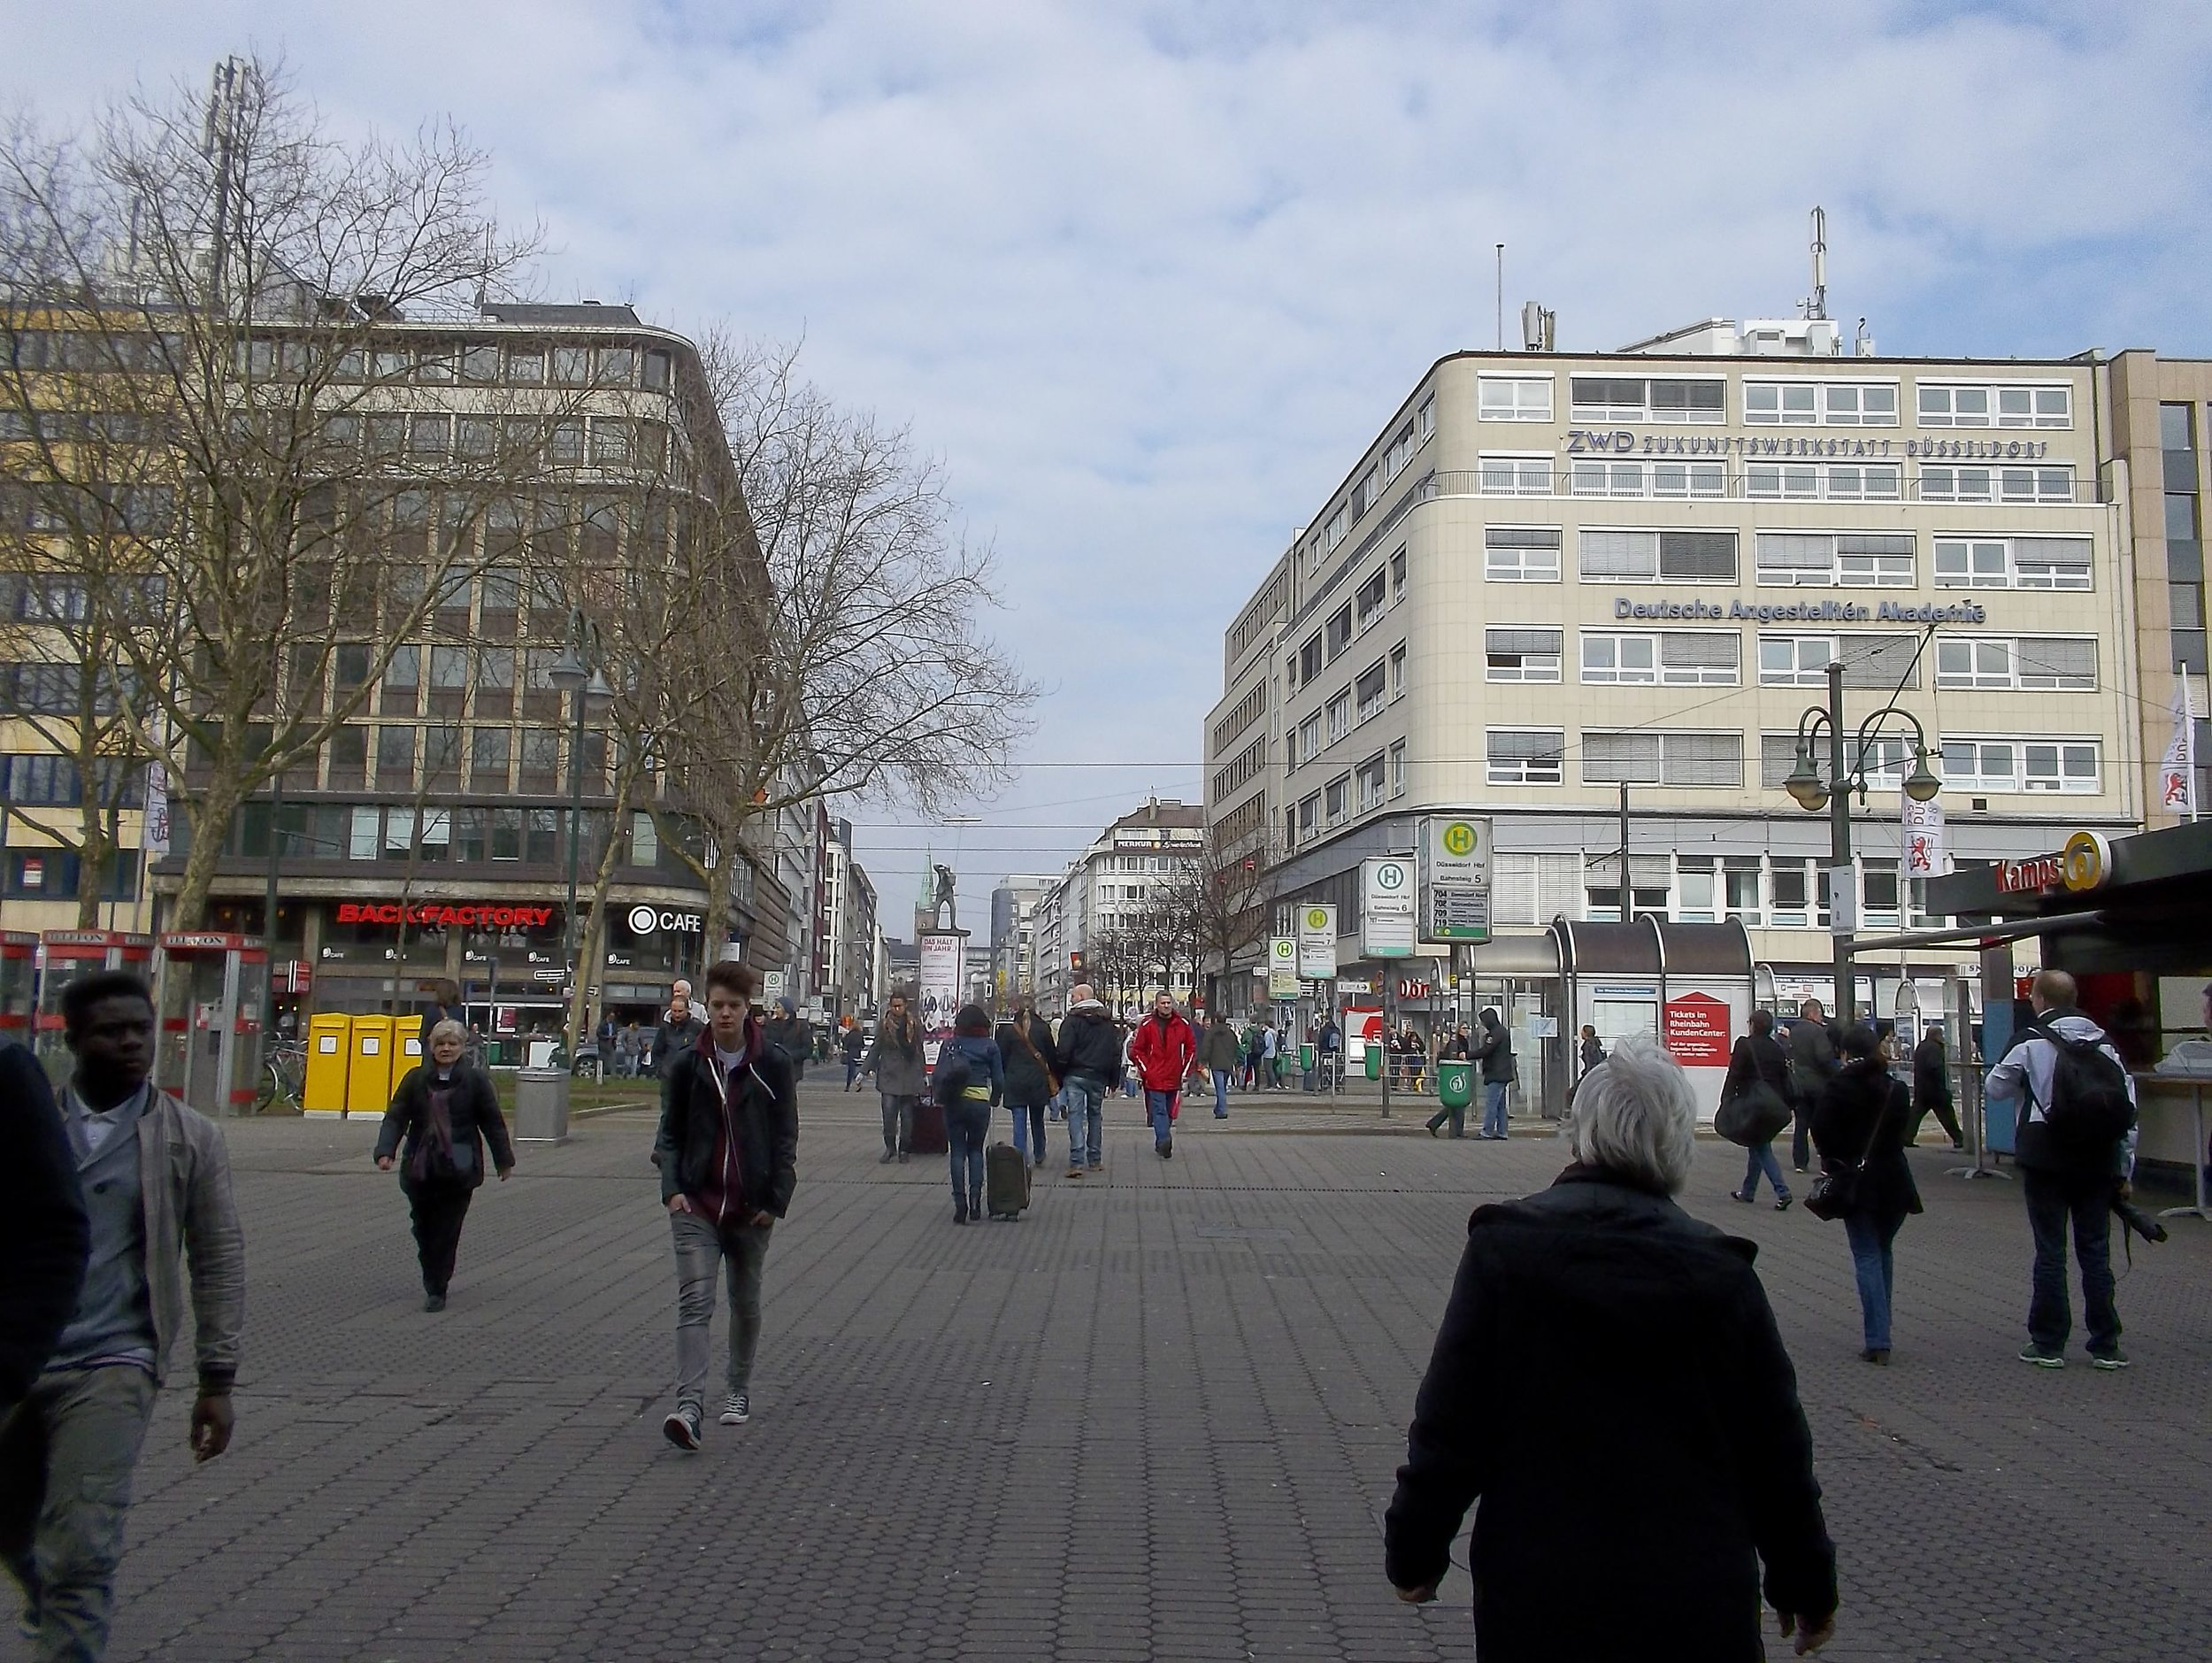 Дюссельдорф. Площадь перед главным вокзалом.